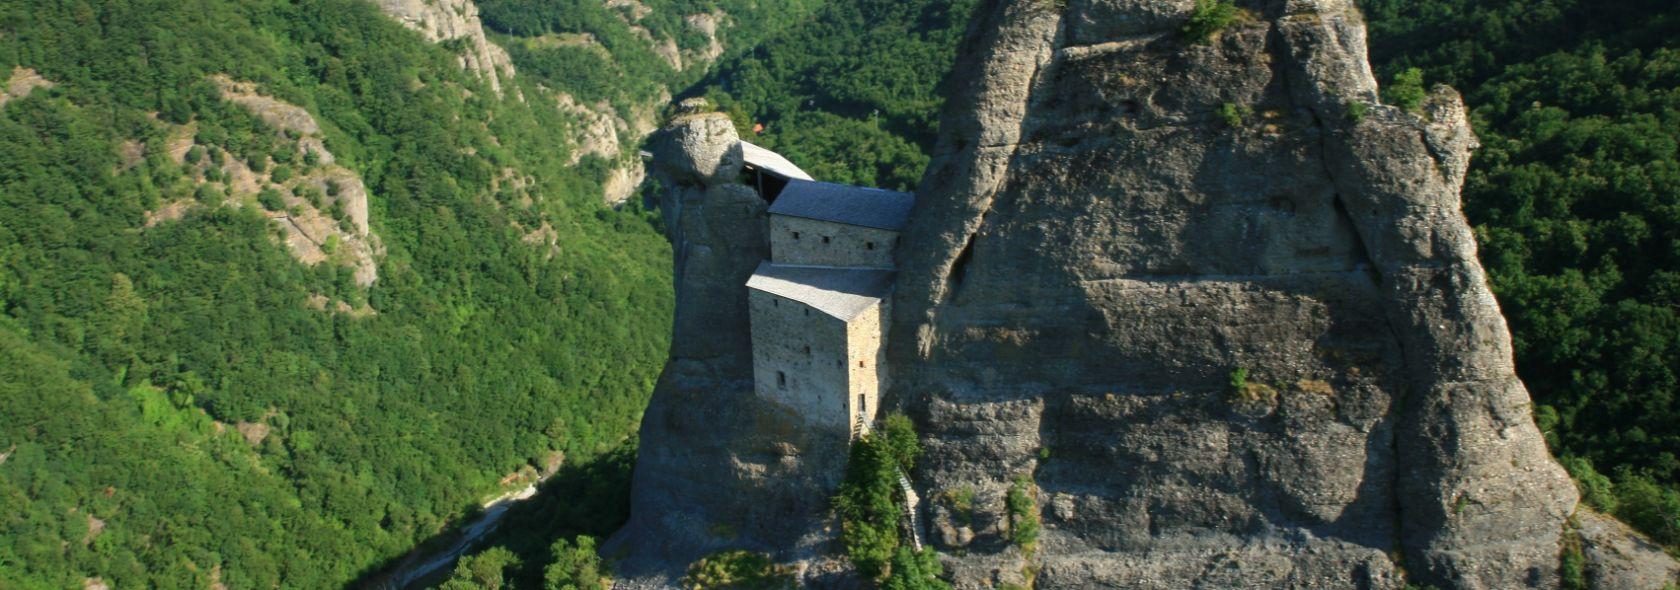 Castello della Pietra archivio Parco Antola